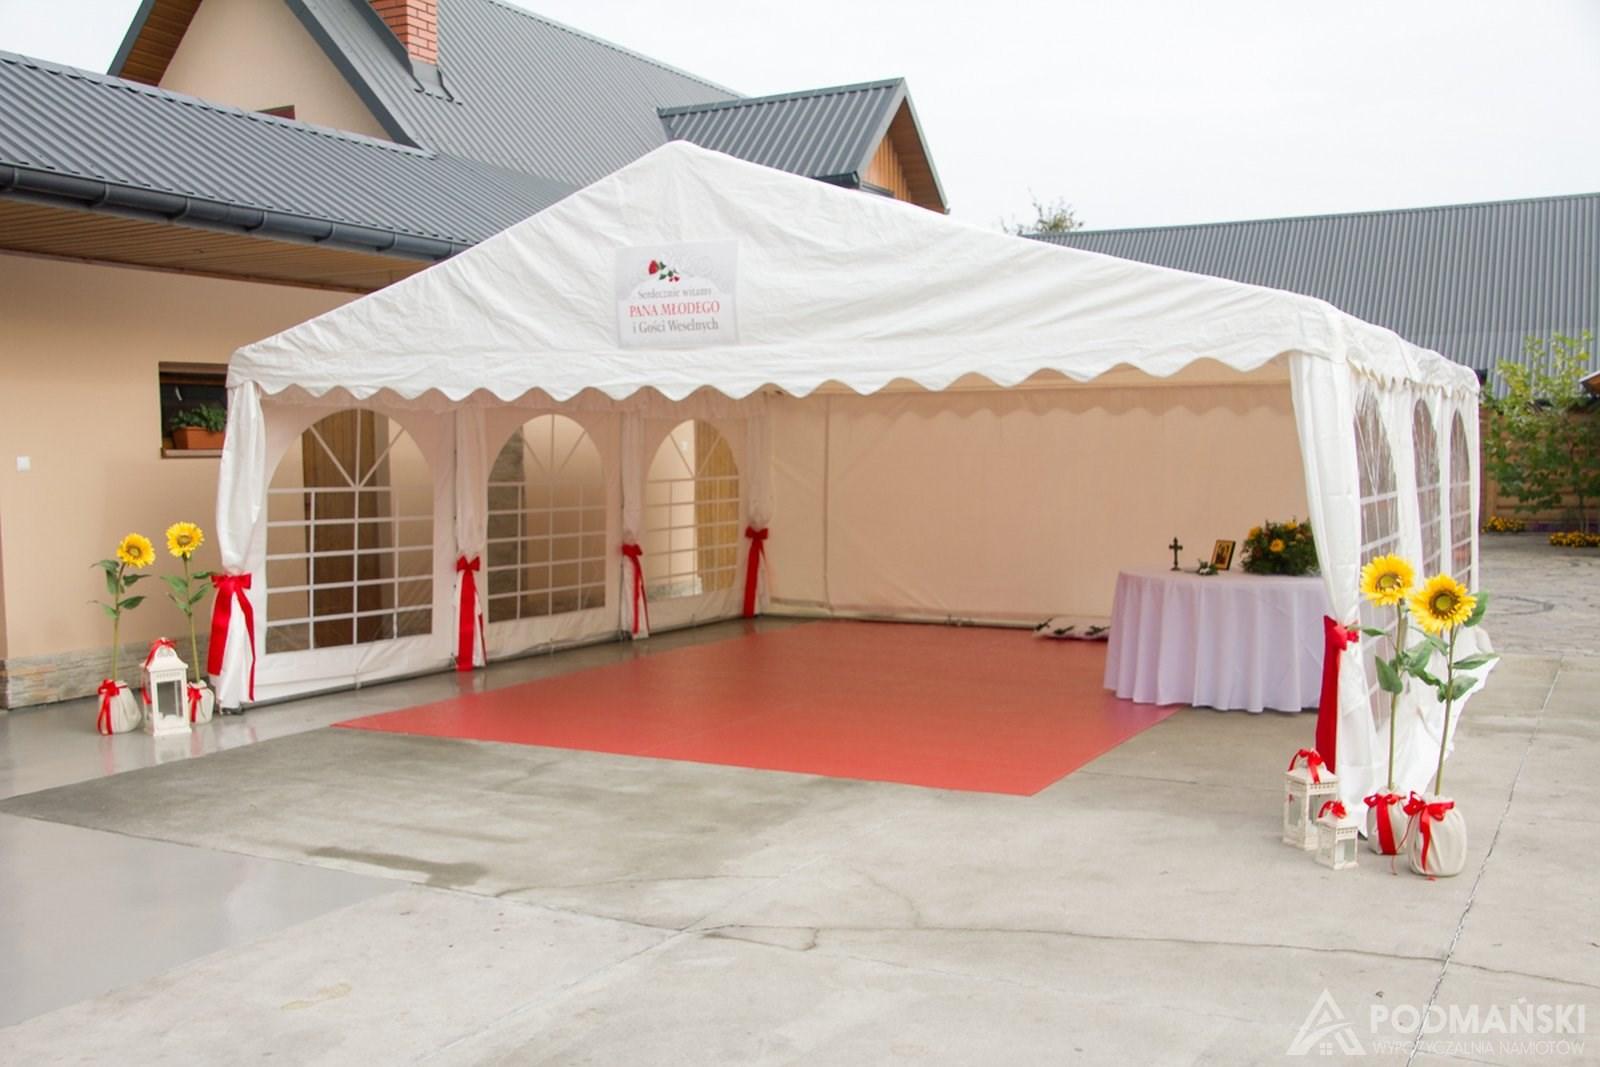 Wypożyczalnia namiotów PODMAŃSKI NAMIOTY Nowy Sącz, Chełmiec, Świniarsko, Brzezna, Podegrodzie, Limanowa